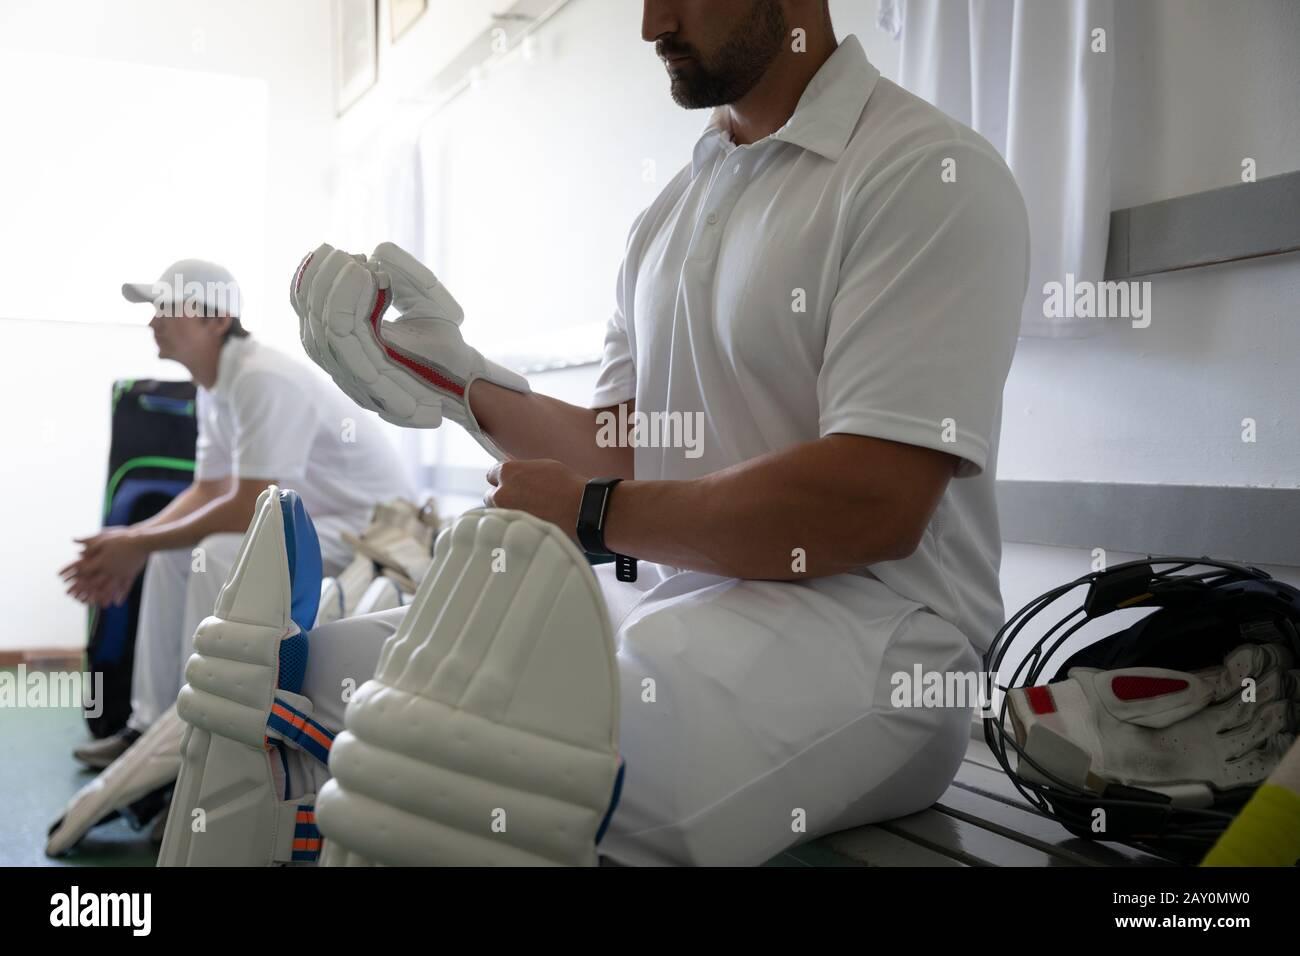 Hombre preparándose en el vestuario antes de jugar Foto de stock